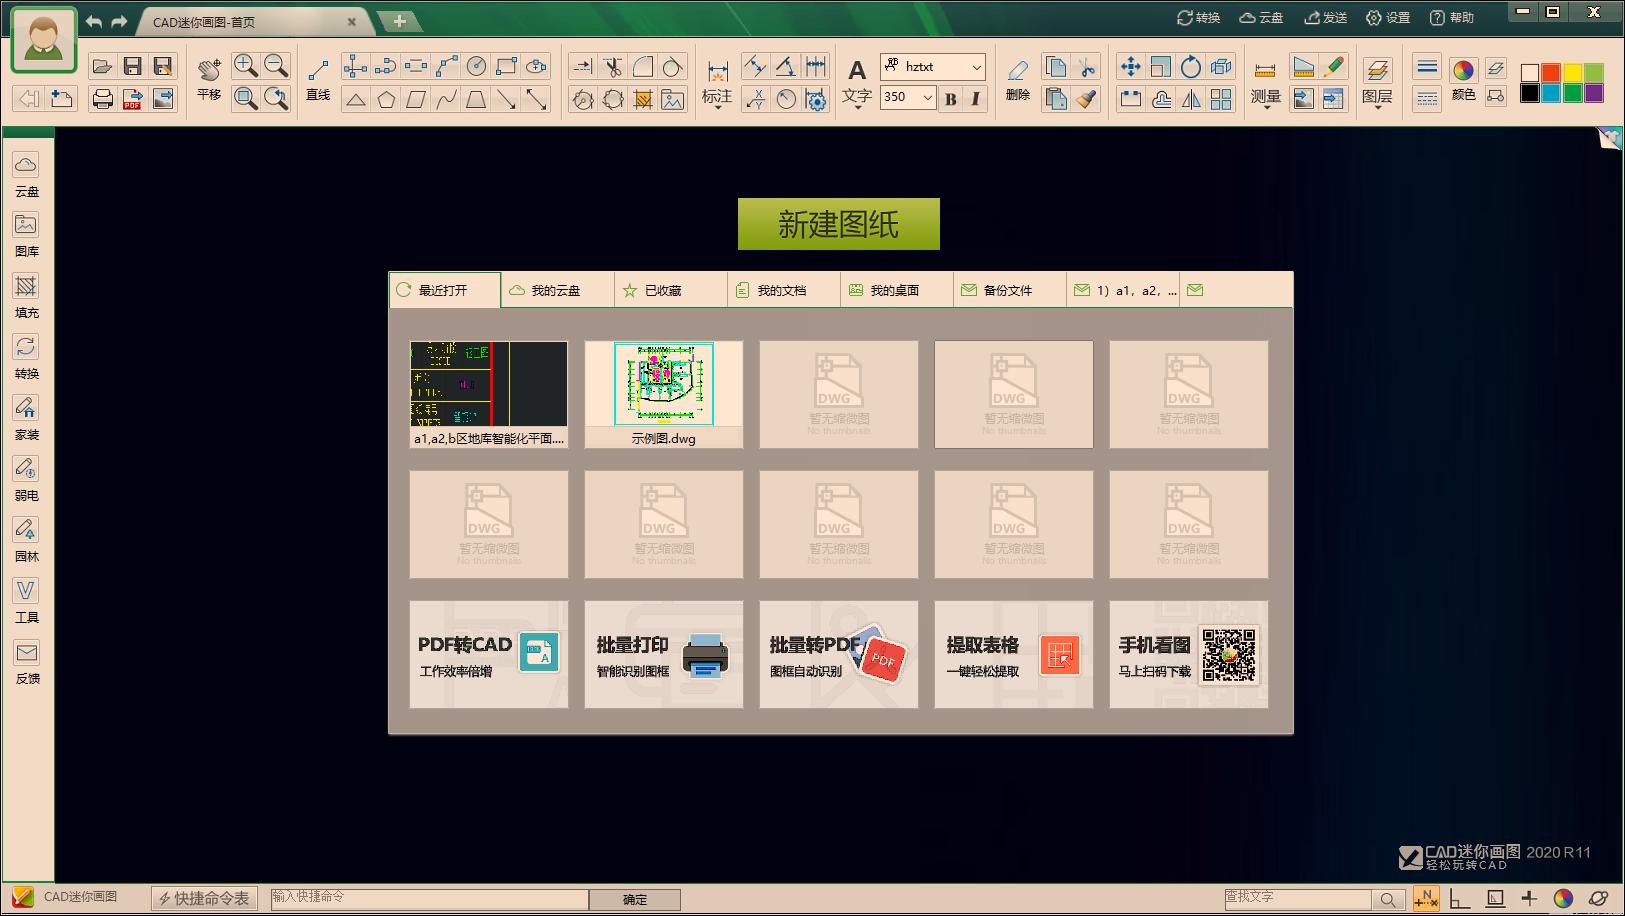 CAD迷你画图下载 v2020R11 免费电脑版 cad快速看图软件  第1张